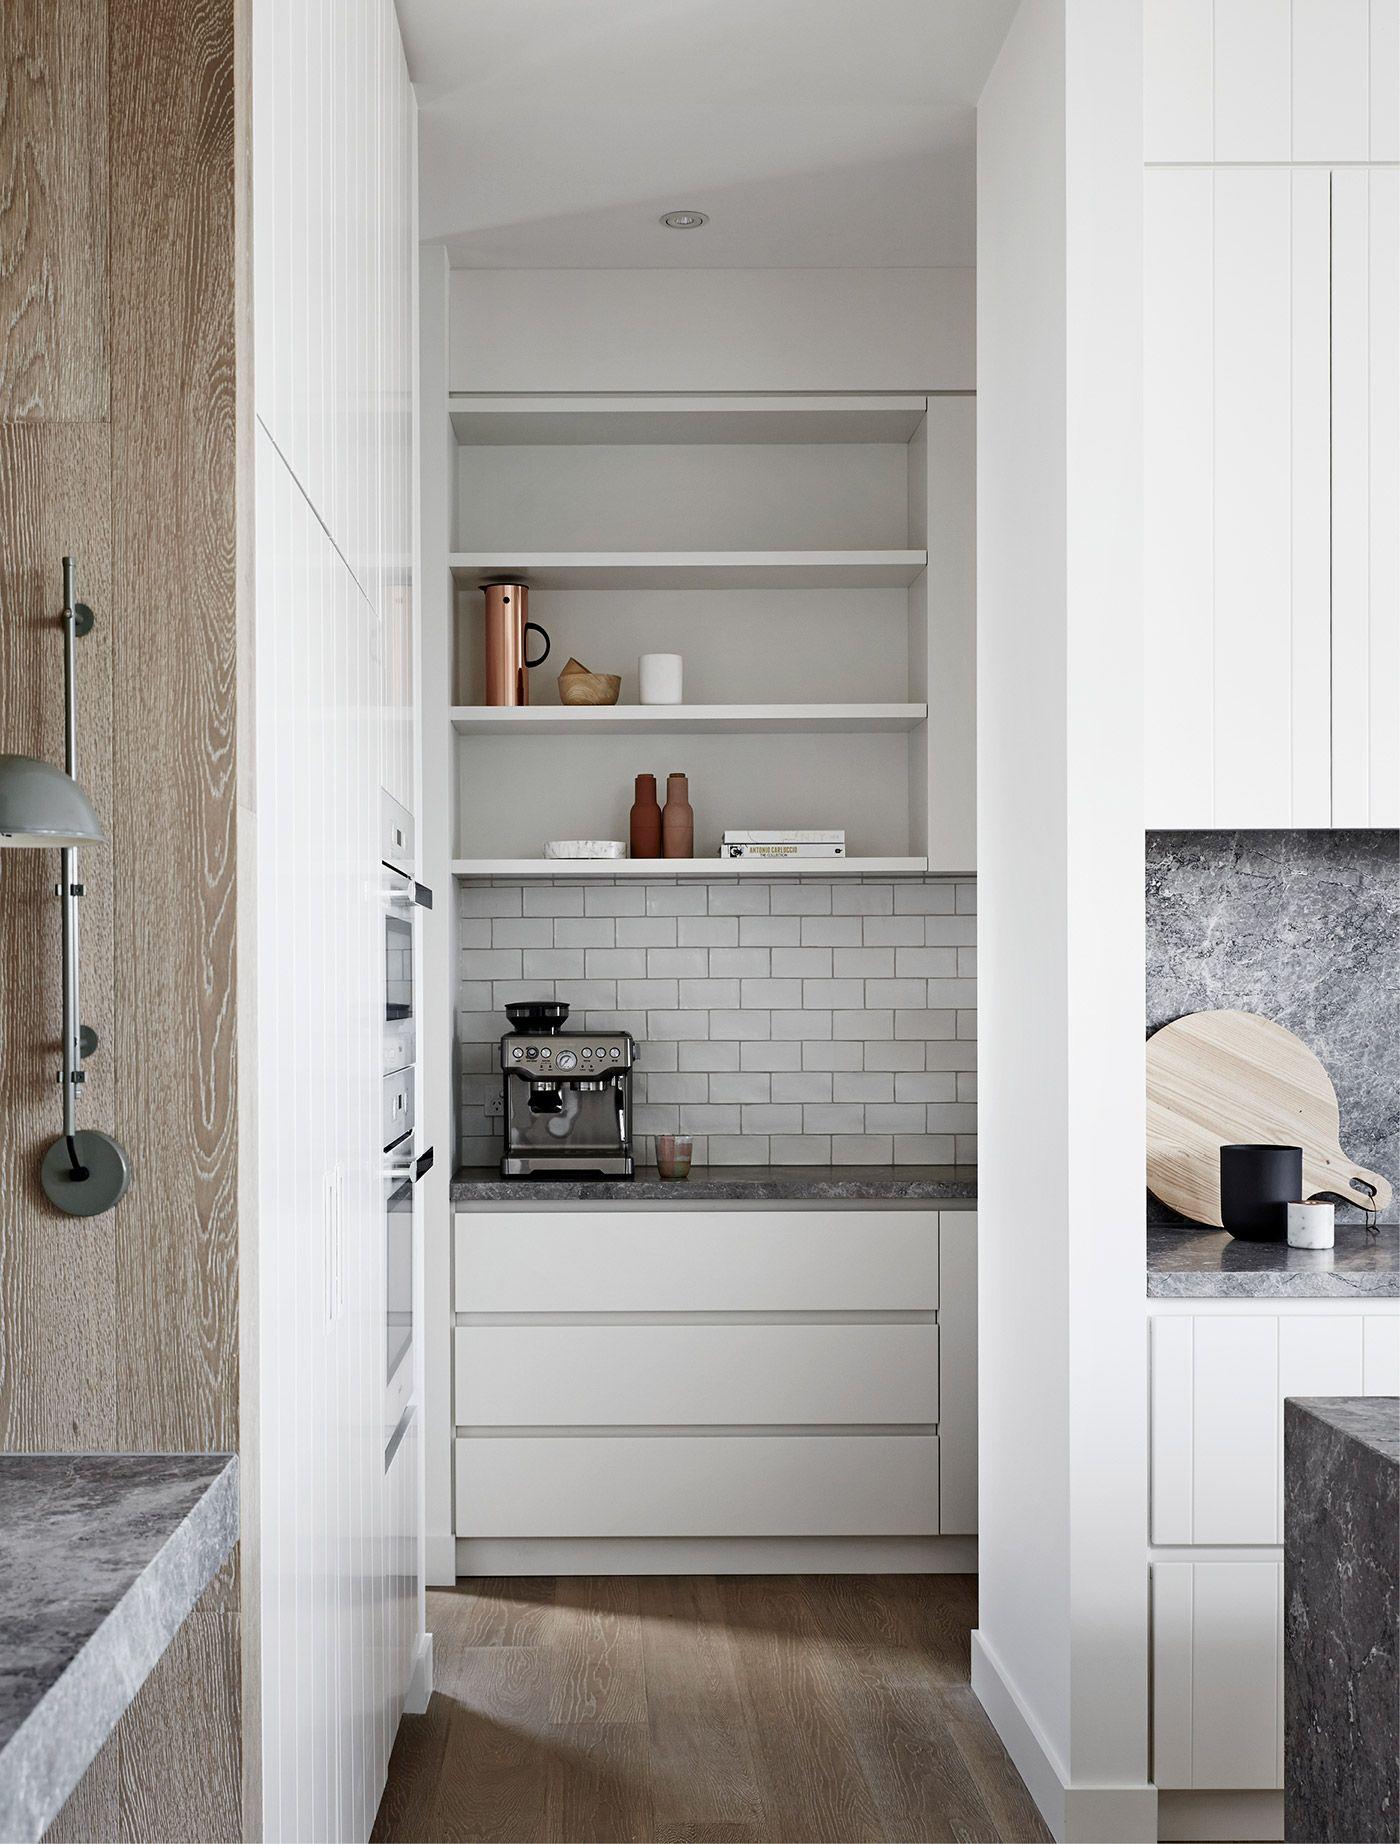 Modern Kitchen, Minimal Kitchen, Scandinavian Kitchen, Scandinavian  Interiors, Scandinavian Design, Scandinavian Interior Design, Vertical  Shiplap, ...